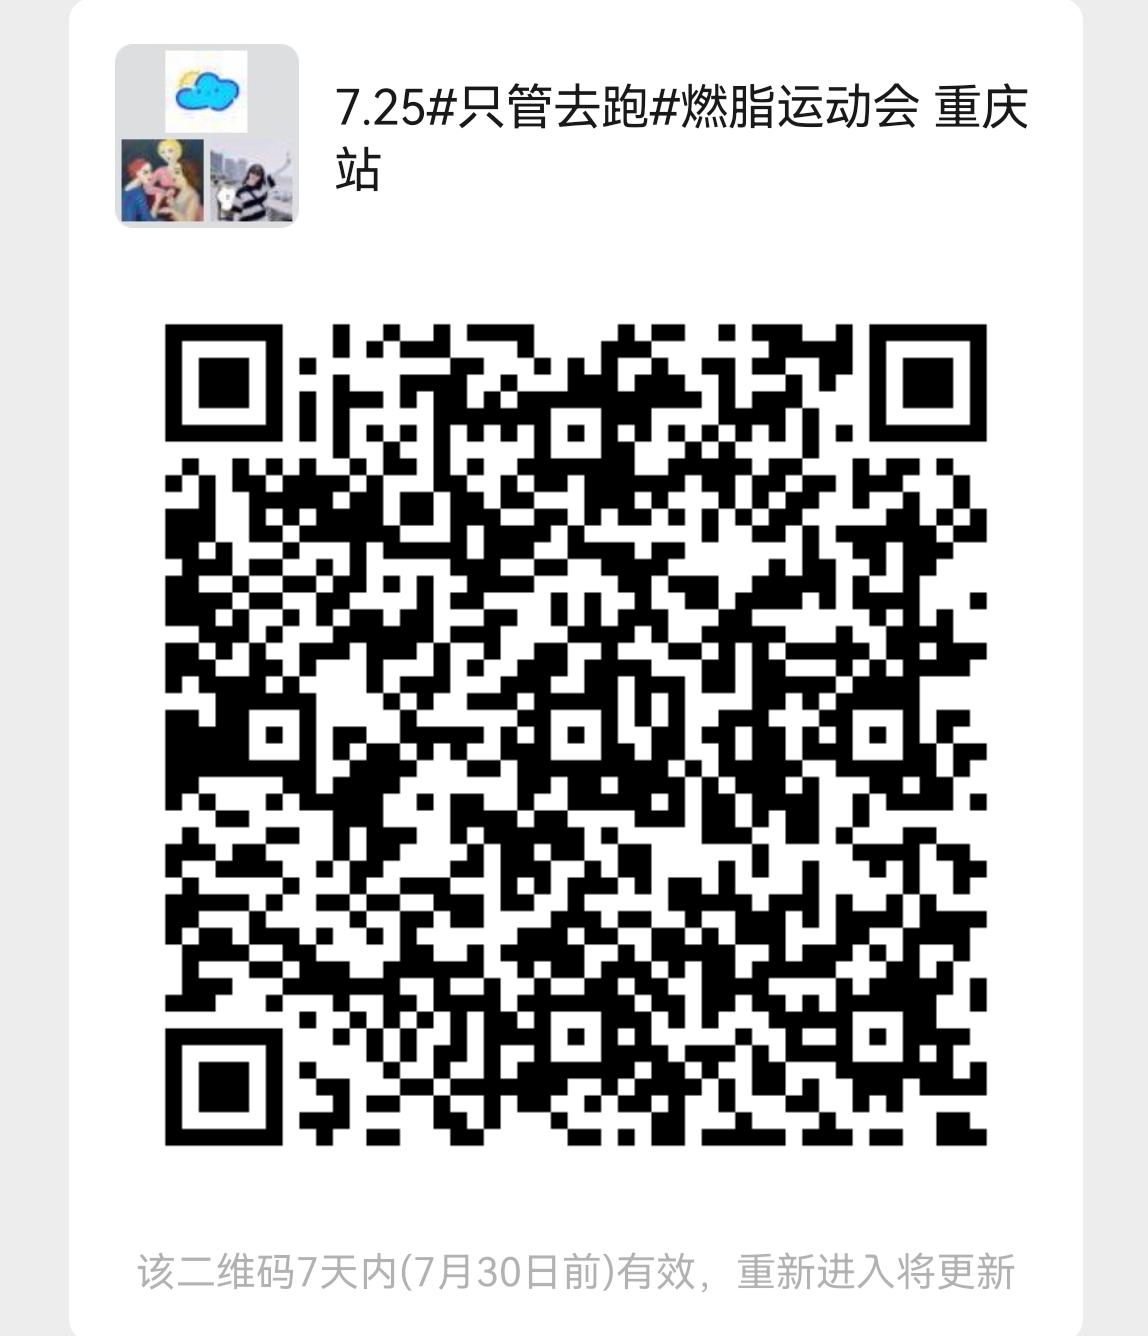 Screenshot_20210723_191356.jpg